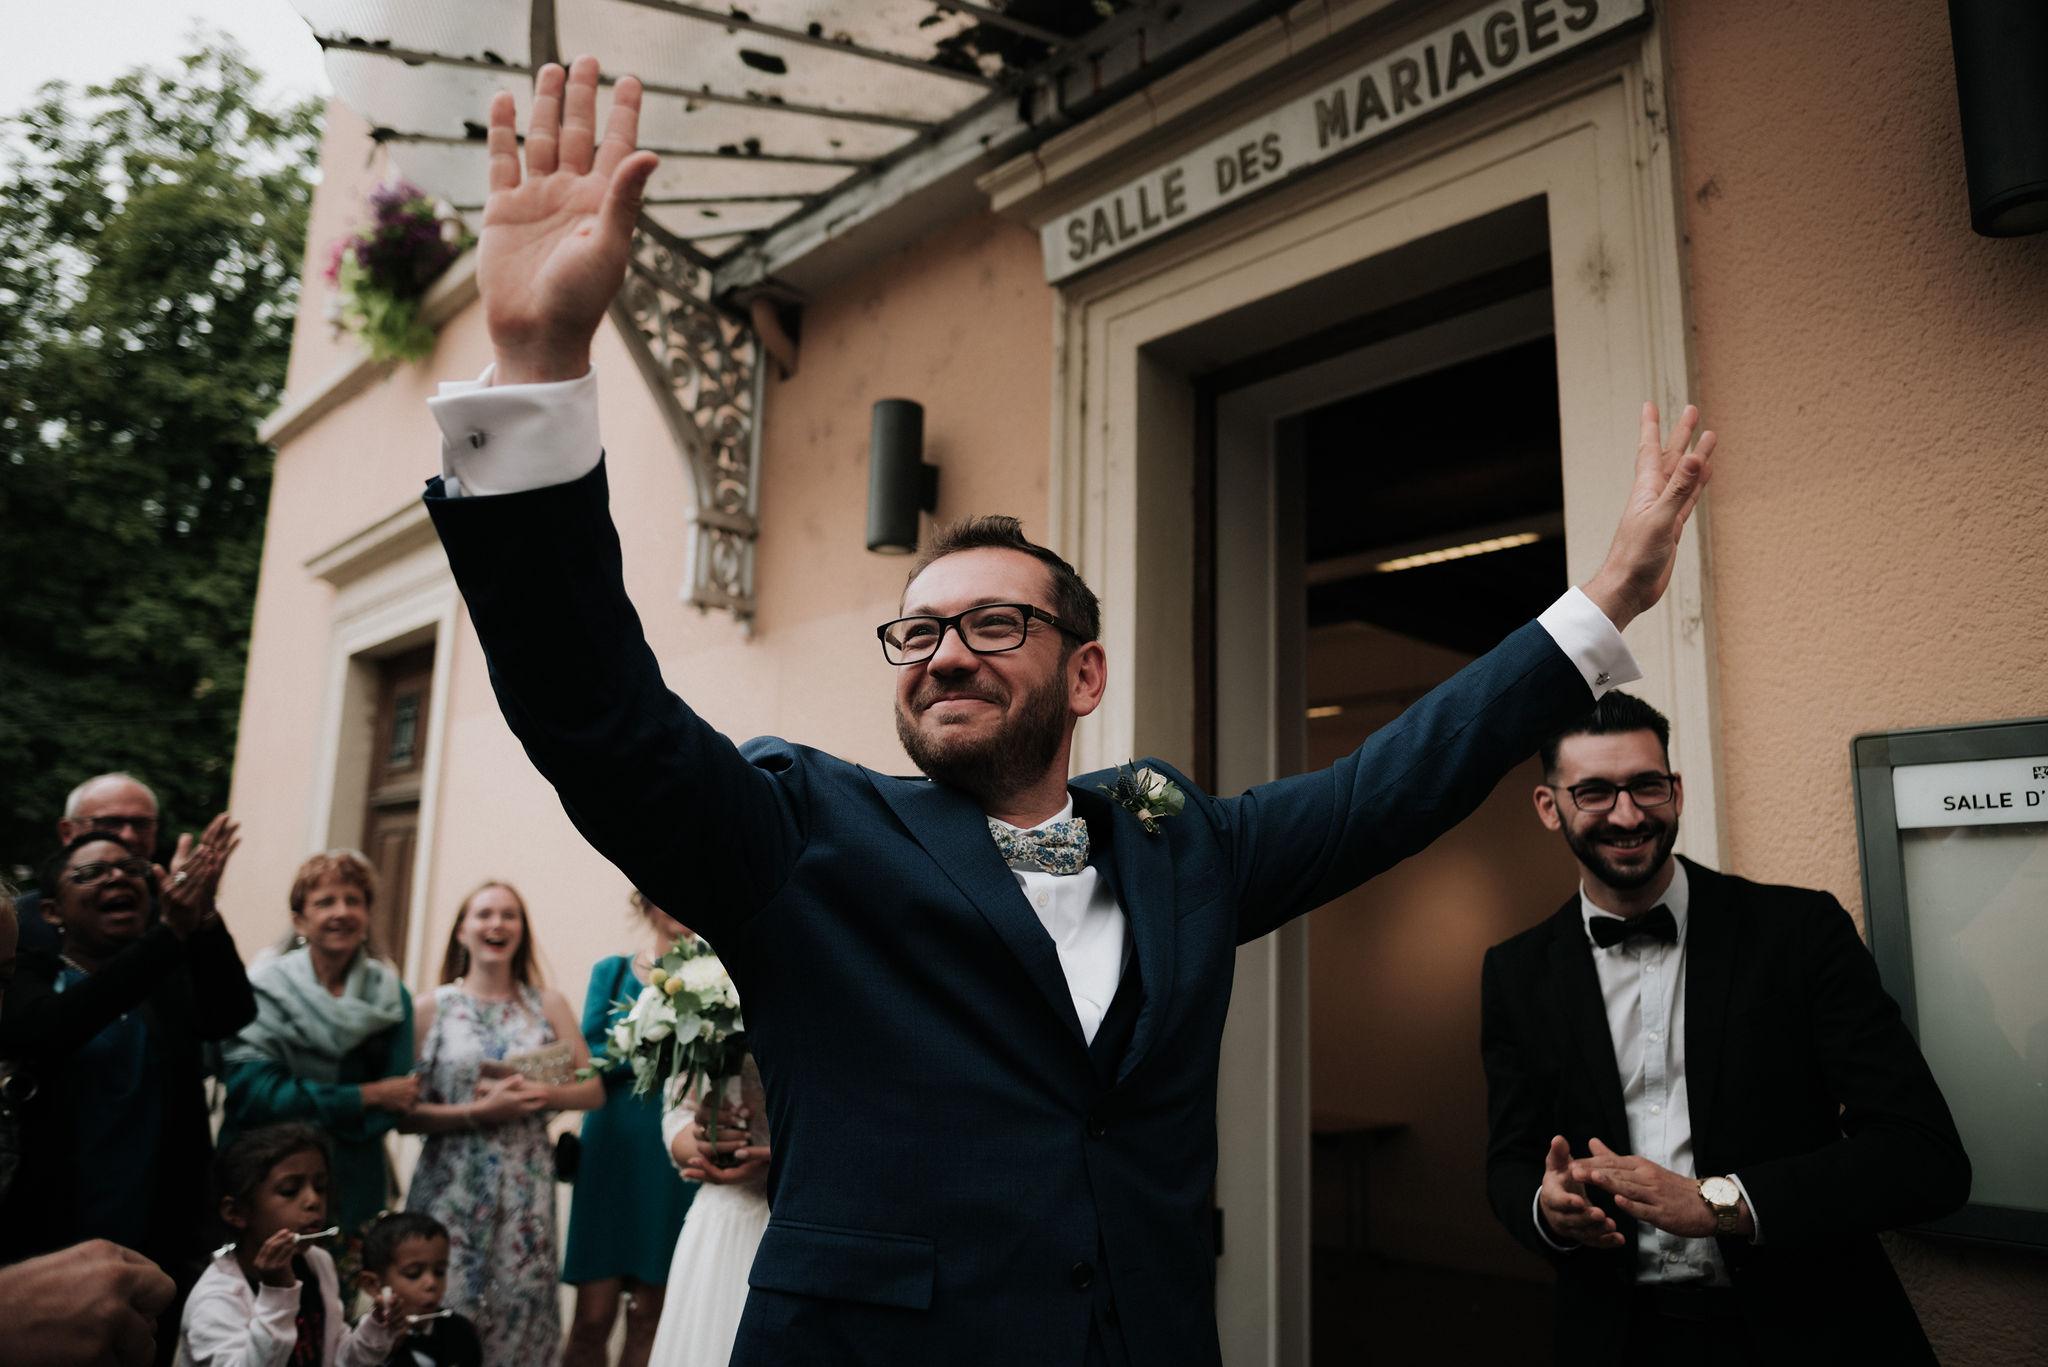 Léa-Fery-photographe-professionnel-lyon-rhone-alpes-portrait-creation-mariage-evenement-evenementiel-famille-5688.jpg